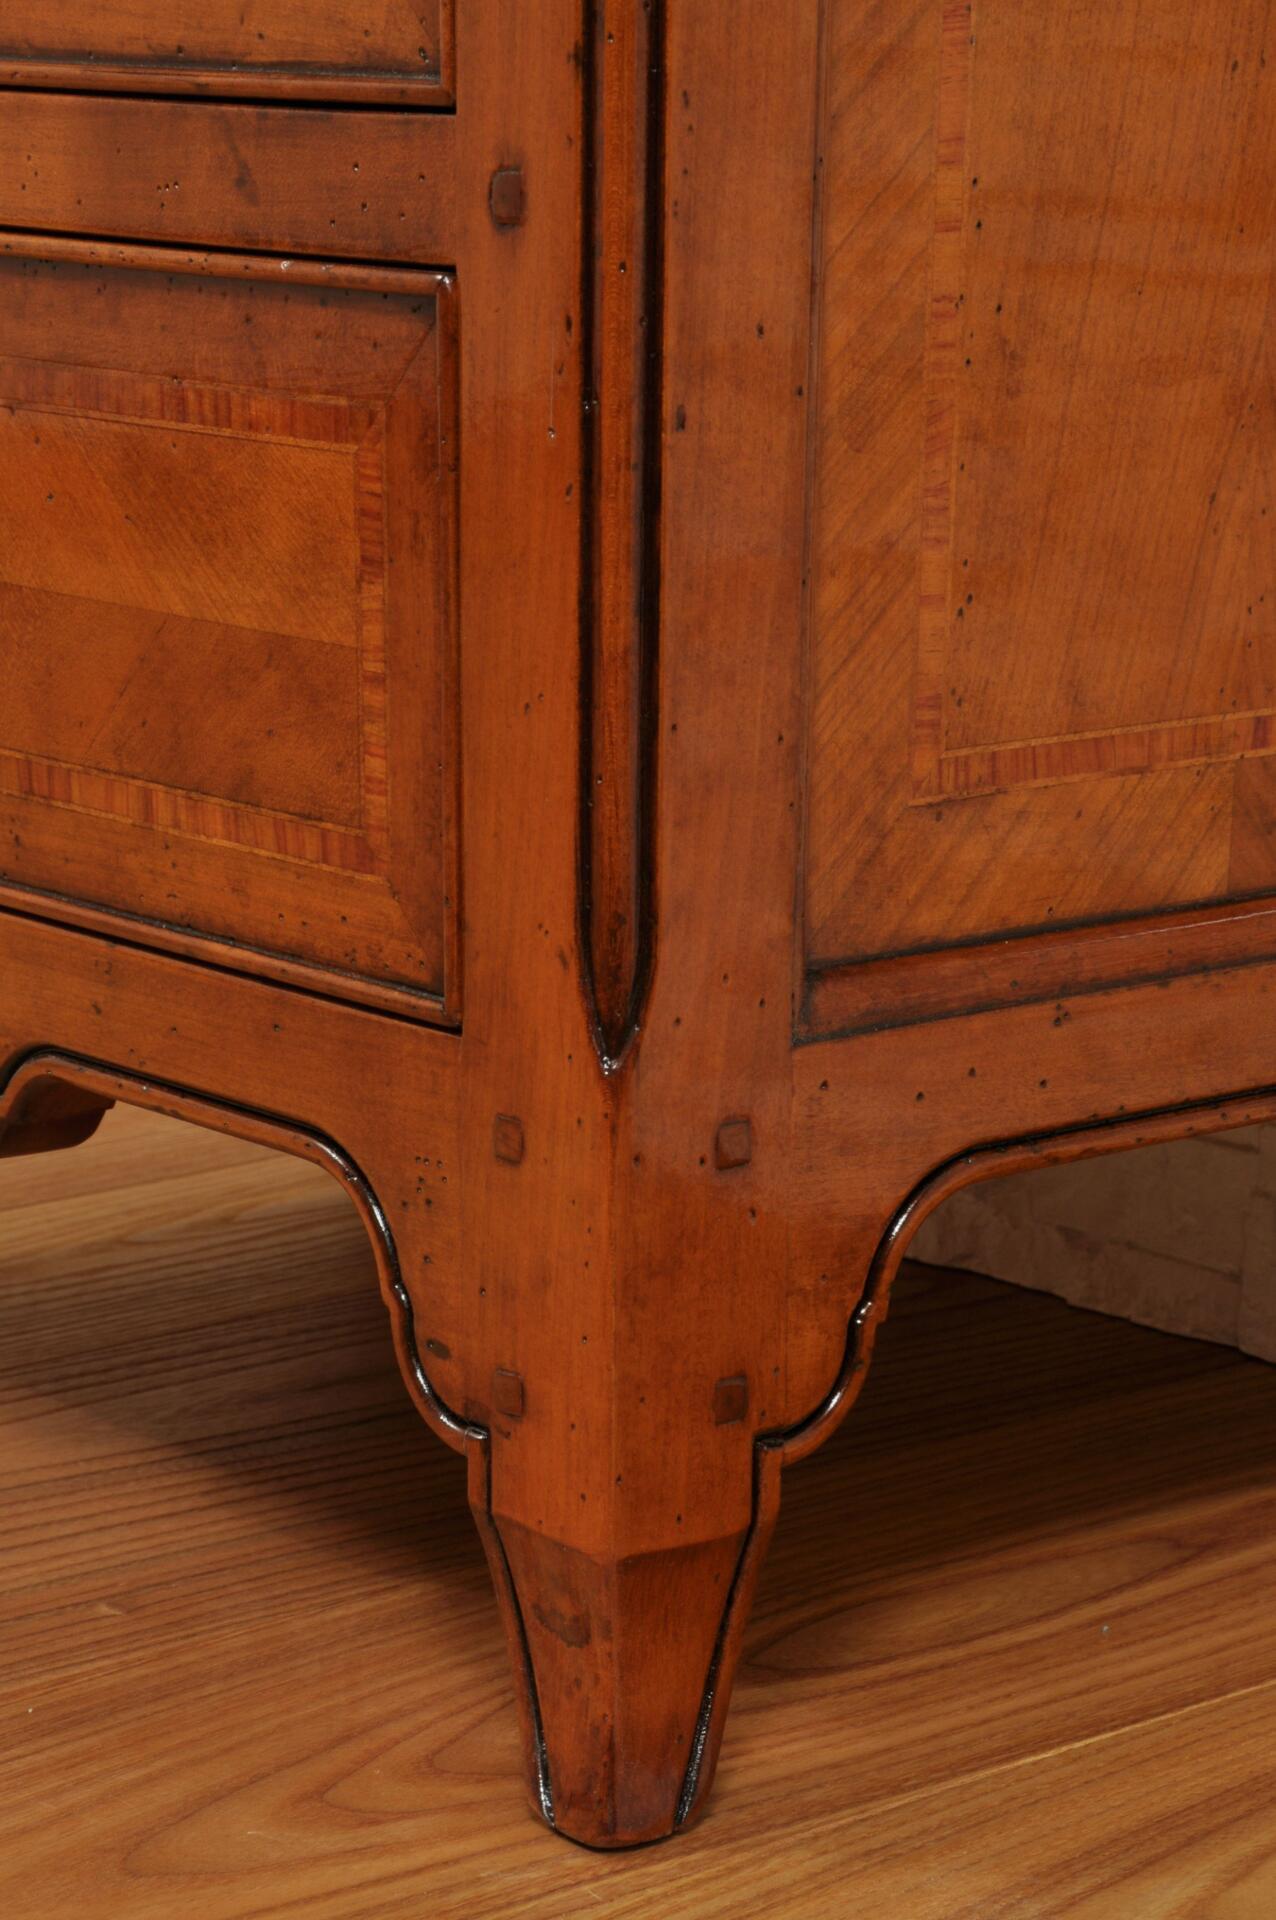 cordoncino intagliato e gambe sagomate a mano nello stile classico provenzale